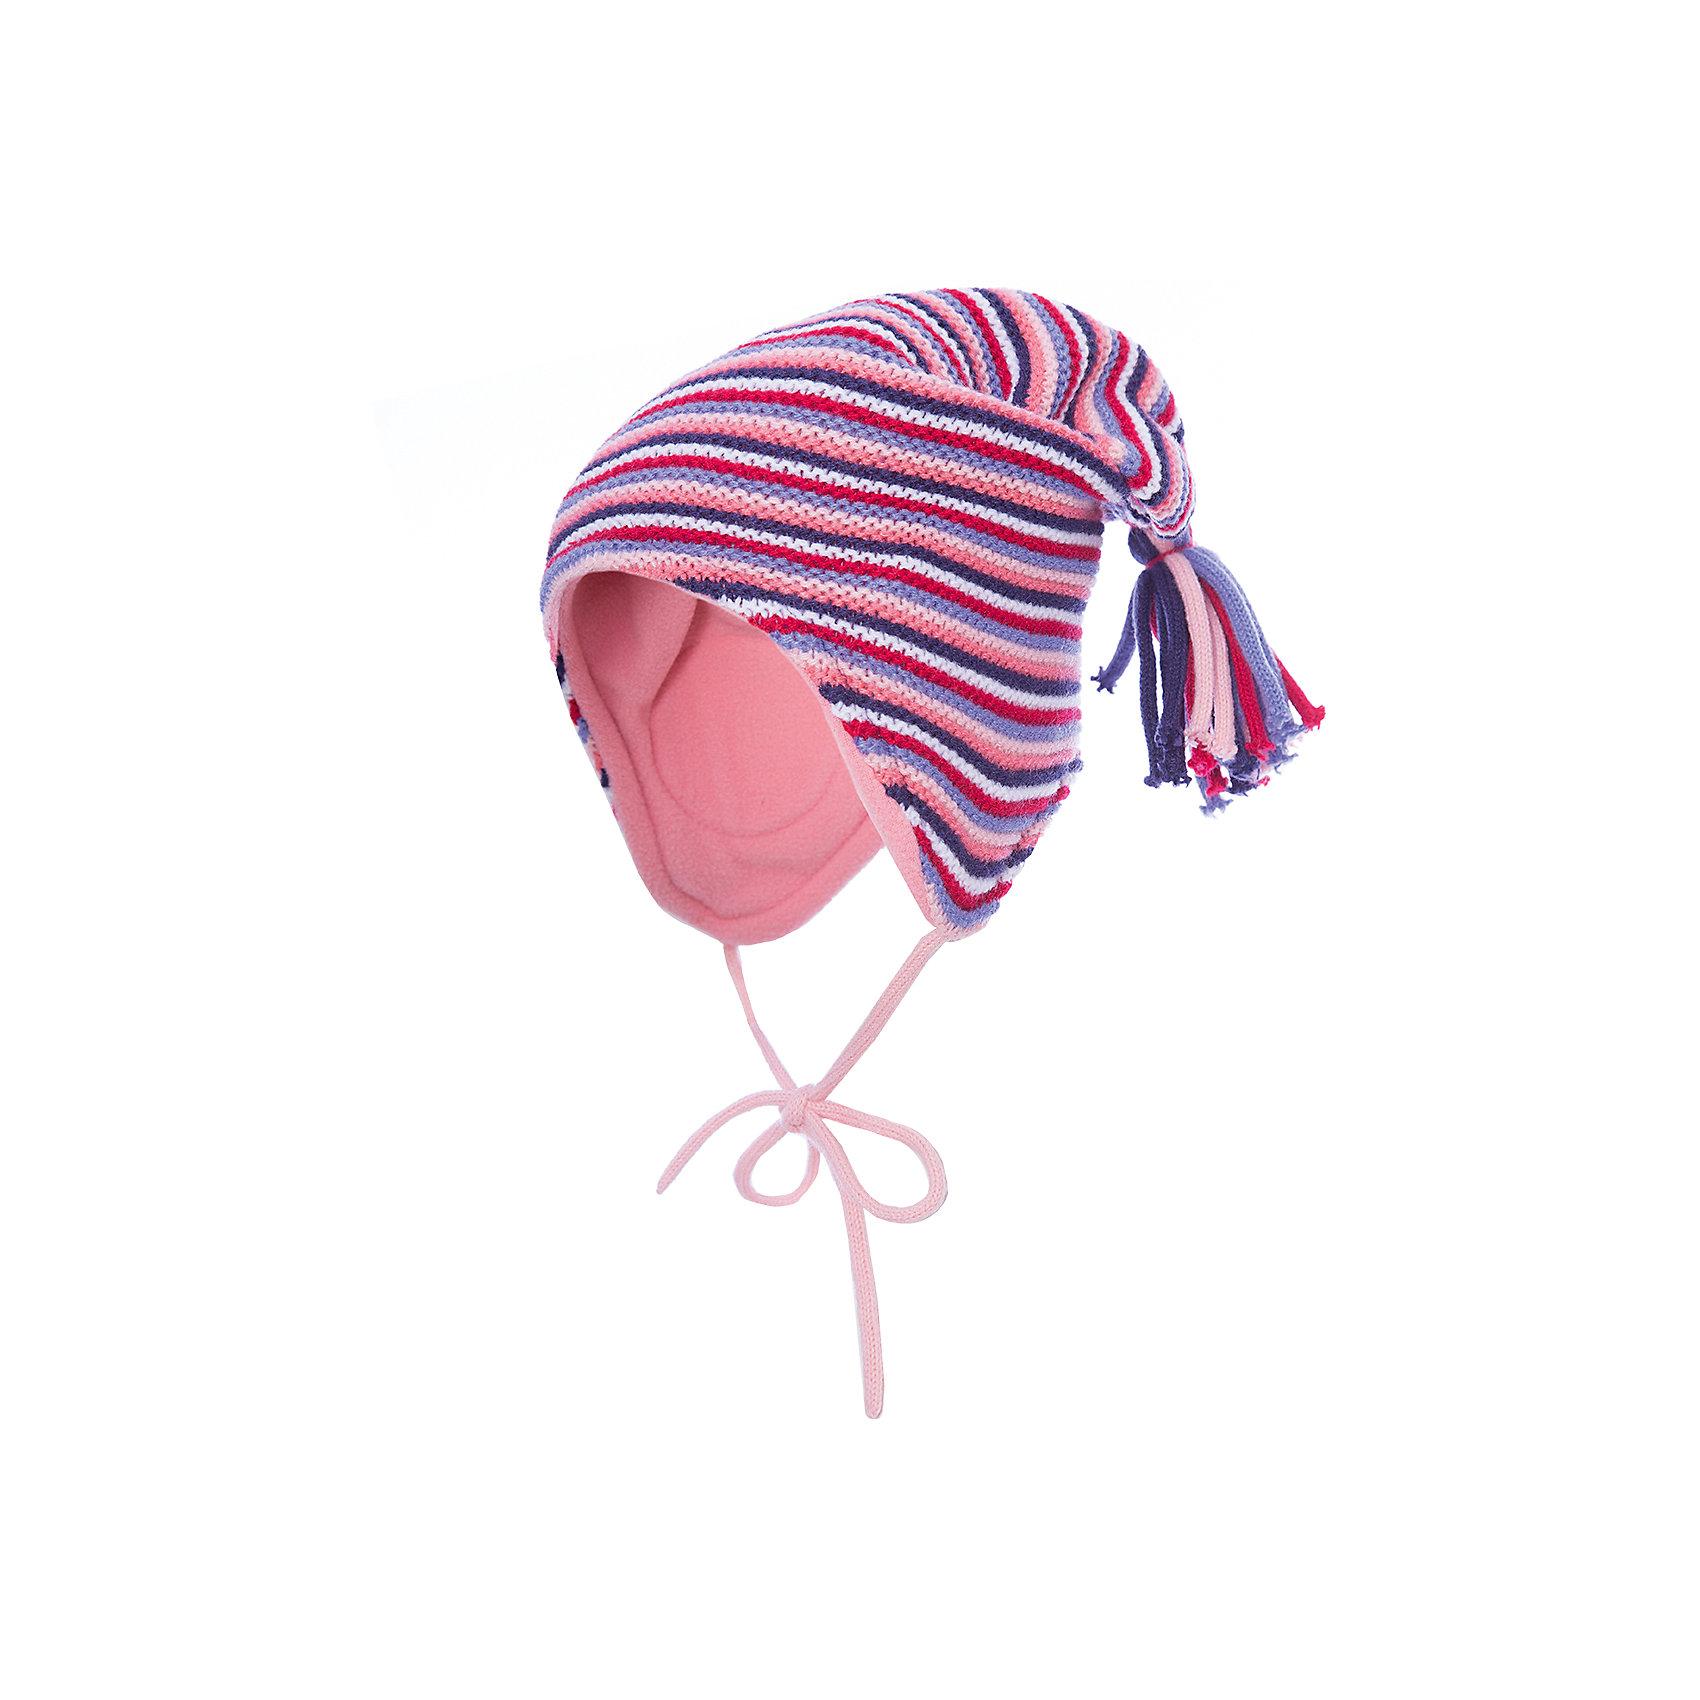 Шапка PlayToday для девочкиШапочки<br>Шапка PlayToday для девочки<br>Шапка из трикотажа на подкладке - отличное решение для холодной погоды. Модель на завязках, декорирована оригинальным помпоном - кисточкой. Подкладка изделия из теплого флиса, в области ушей дополнена специальными вставками. Эргономичная конструкция такой шапки защитит уши ребенка при сильном ветре.<br>Состав:<br>100% акрил<br><br>Ширина мм: 89<br>Глубина мм: 117<br>Высота мм: 44<br>Вес г: 155<br>Цвет: белый<br>Возраст от месяцев: 12<br>Возраст до месяцев: 18<br>Пол: Женский<br>Возраст: Детский<br>Размер: 48,46<br>SKU: 7110244